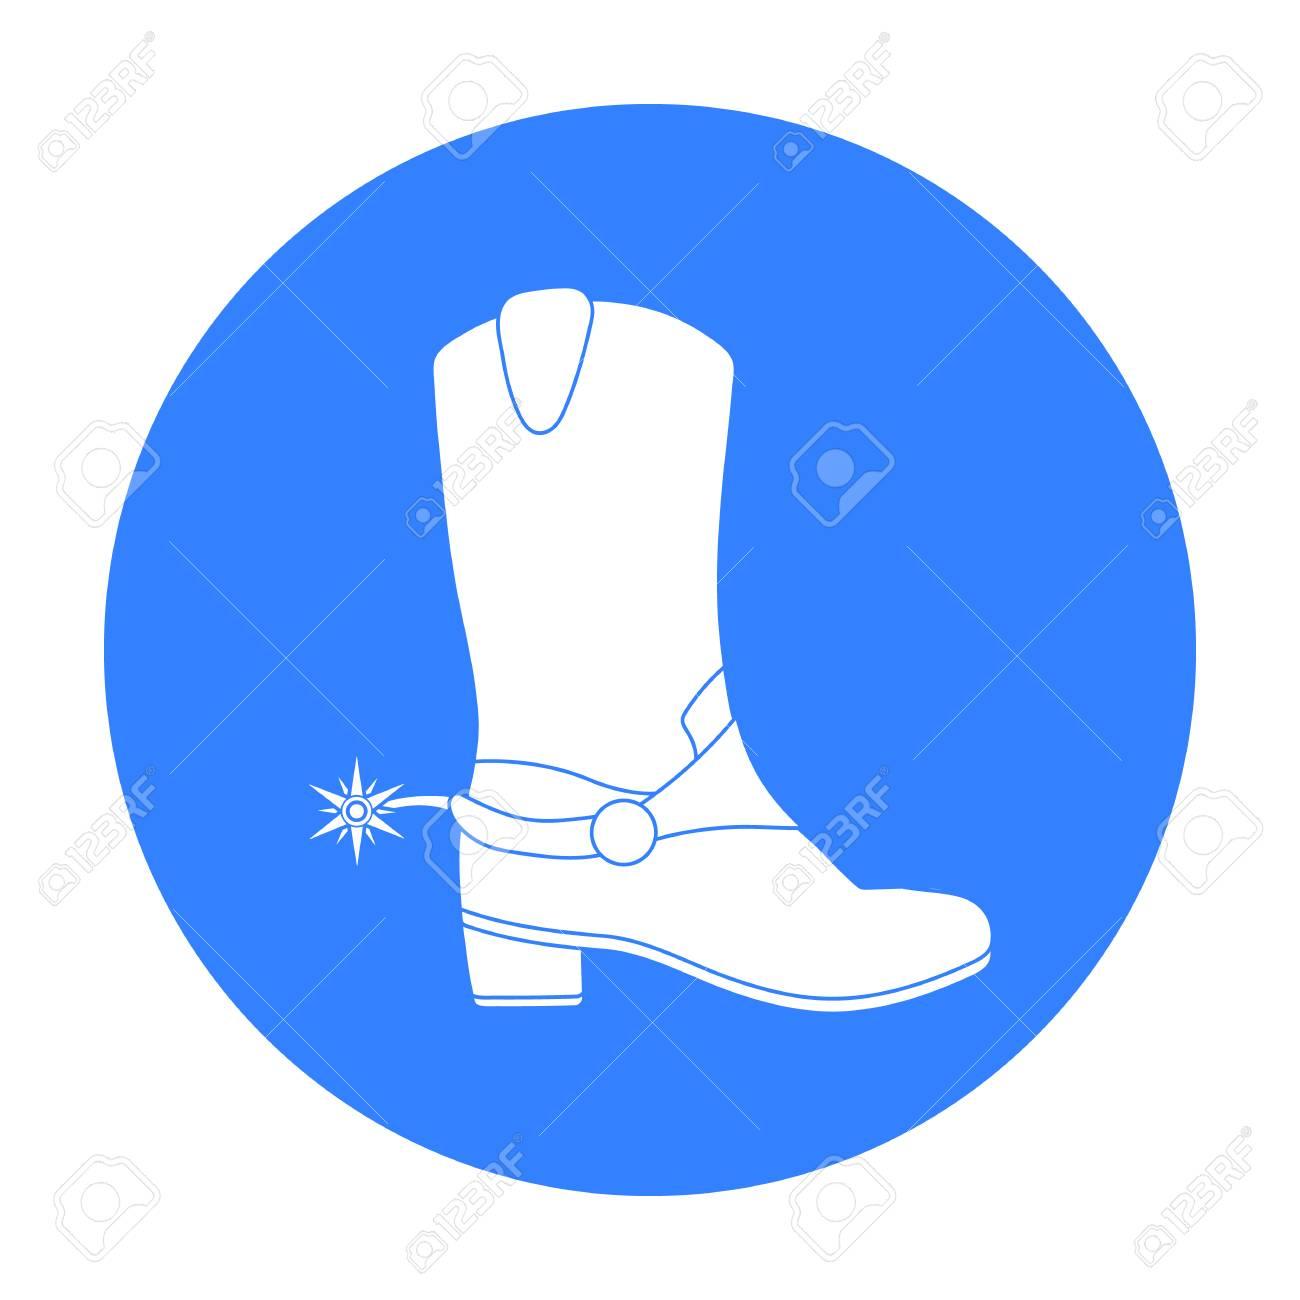 Icono de botas de vaquero s en estilo negro aislado sobre fondo blanco. Ilustración de vector stock de símbolo de país de Estados Unidos.